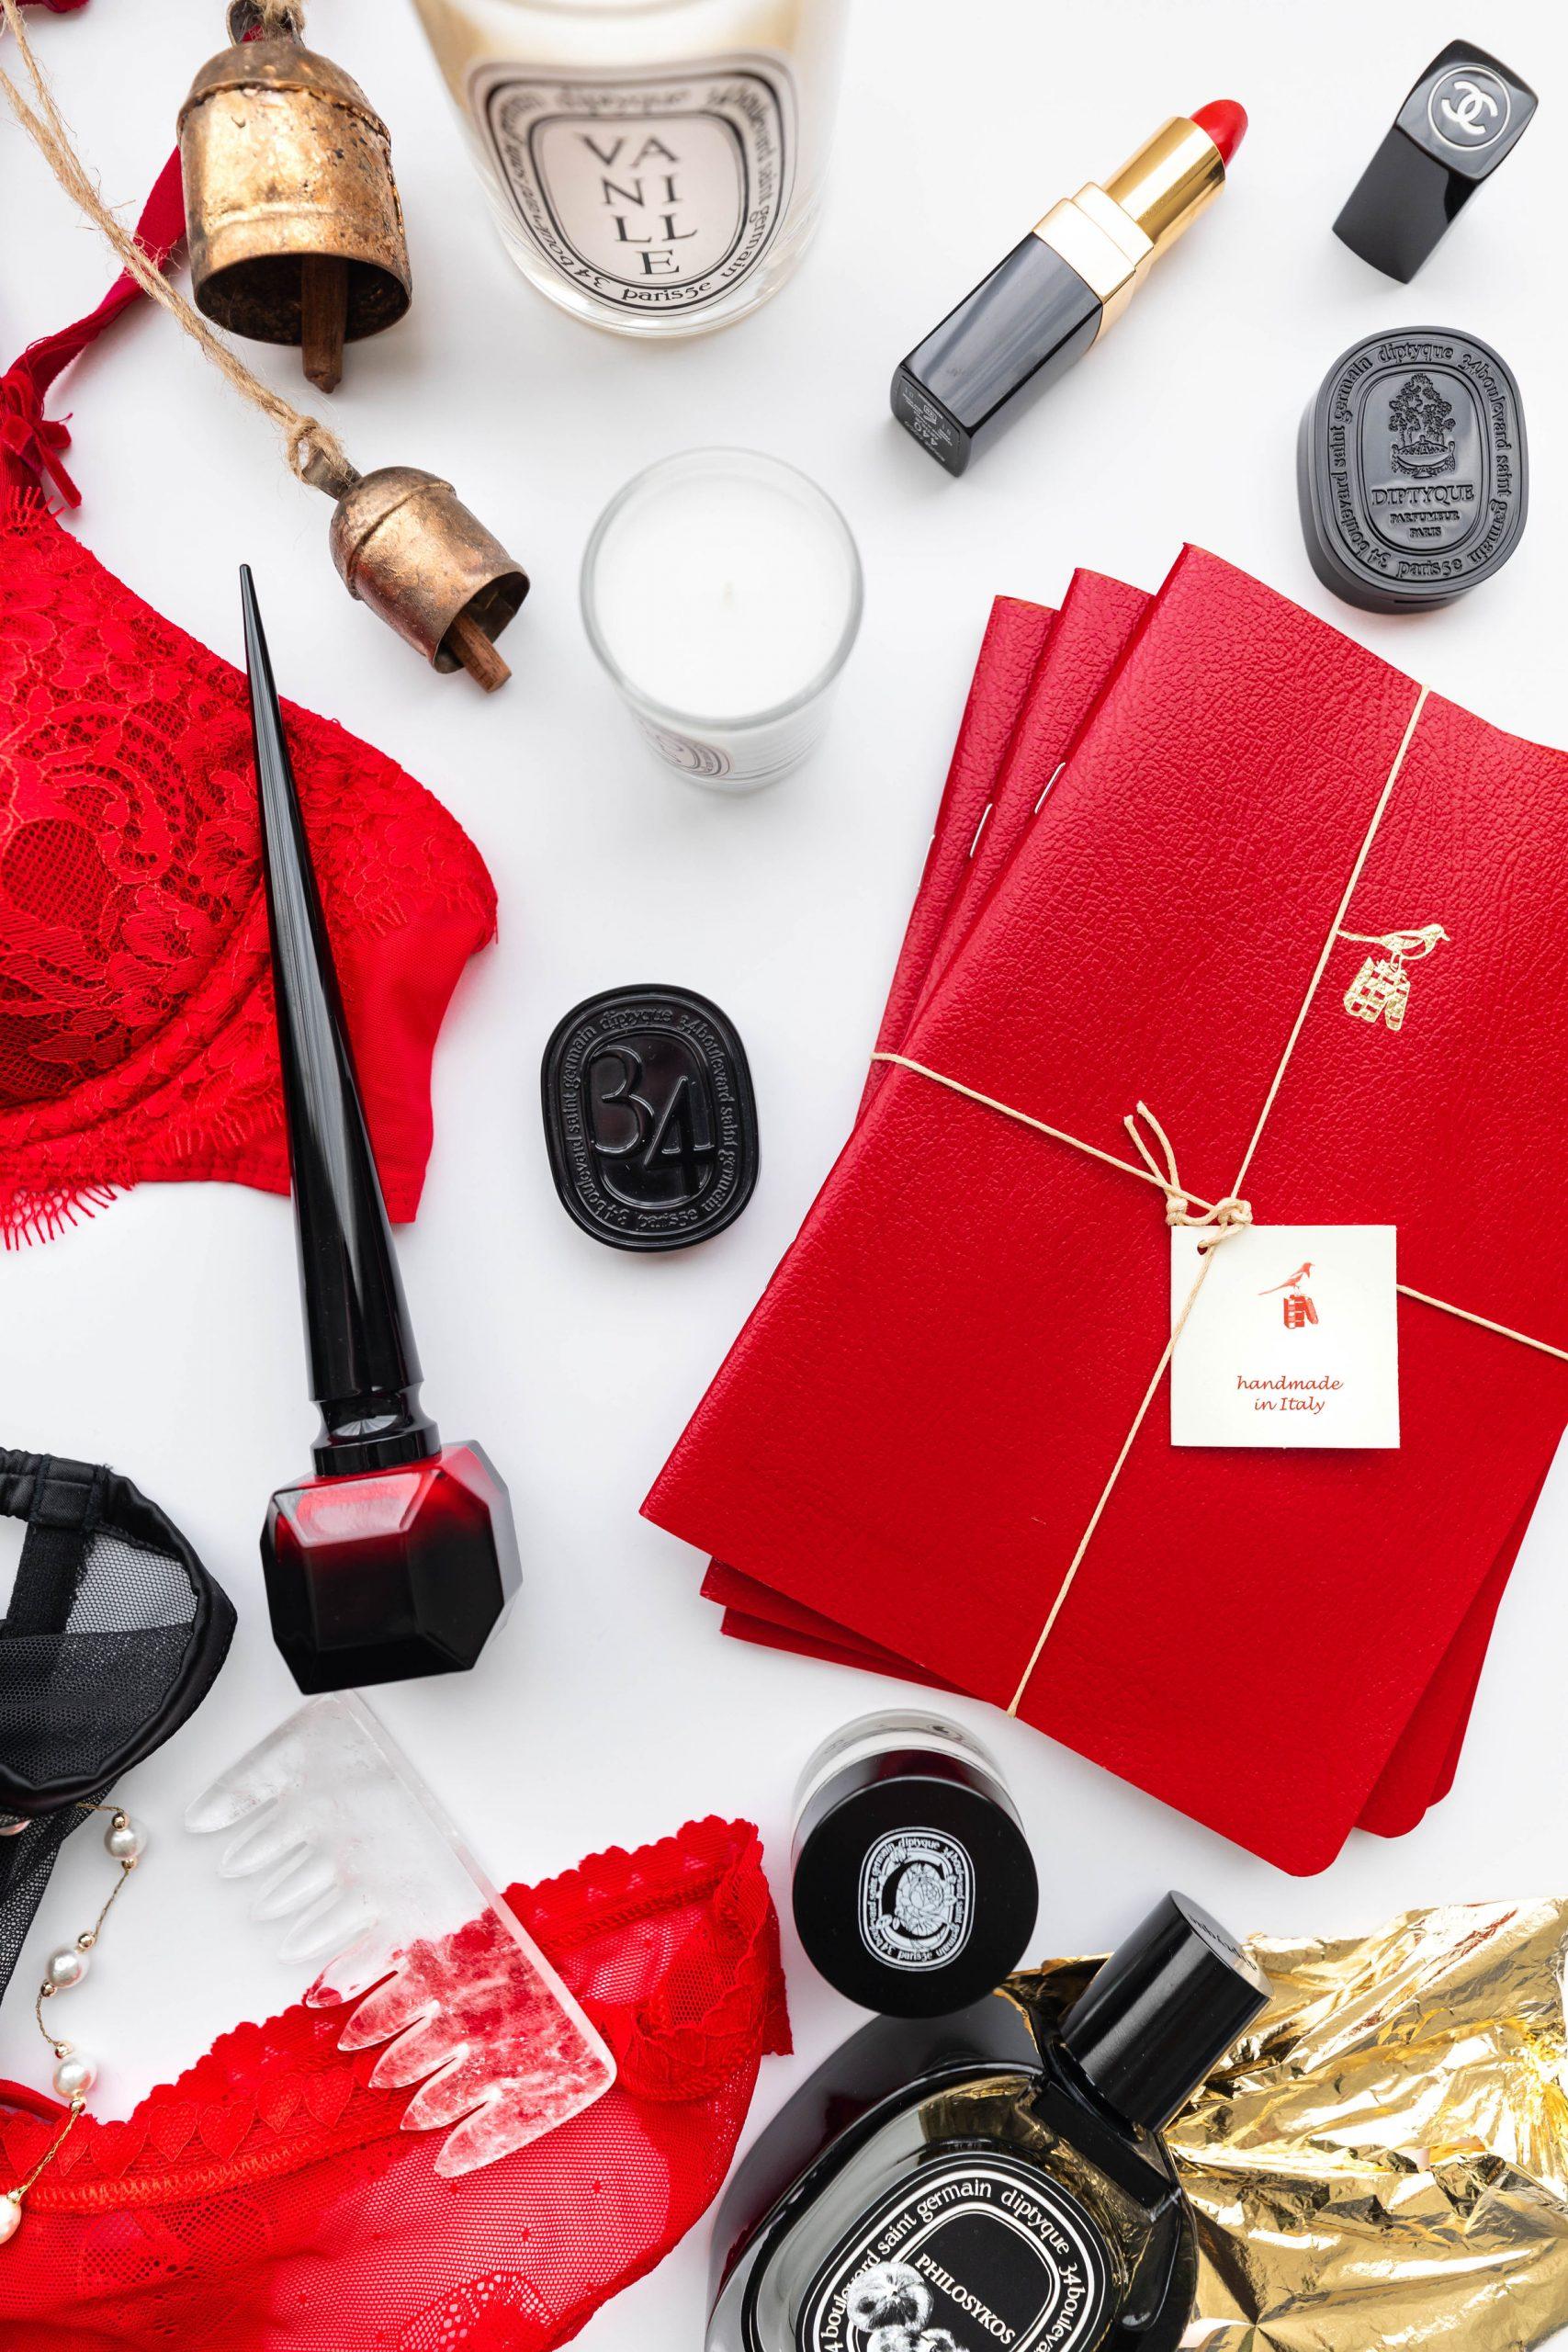 Happy Valentine's Day! Valentine's Day Romantic Lingerie Agent Provacteur La Perla and Victoria's Secret Diptyqie Chrisitan Louboutin